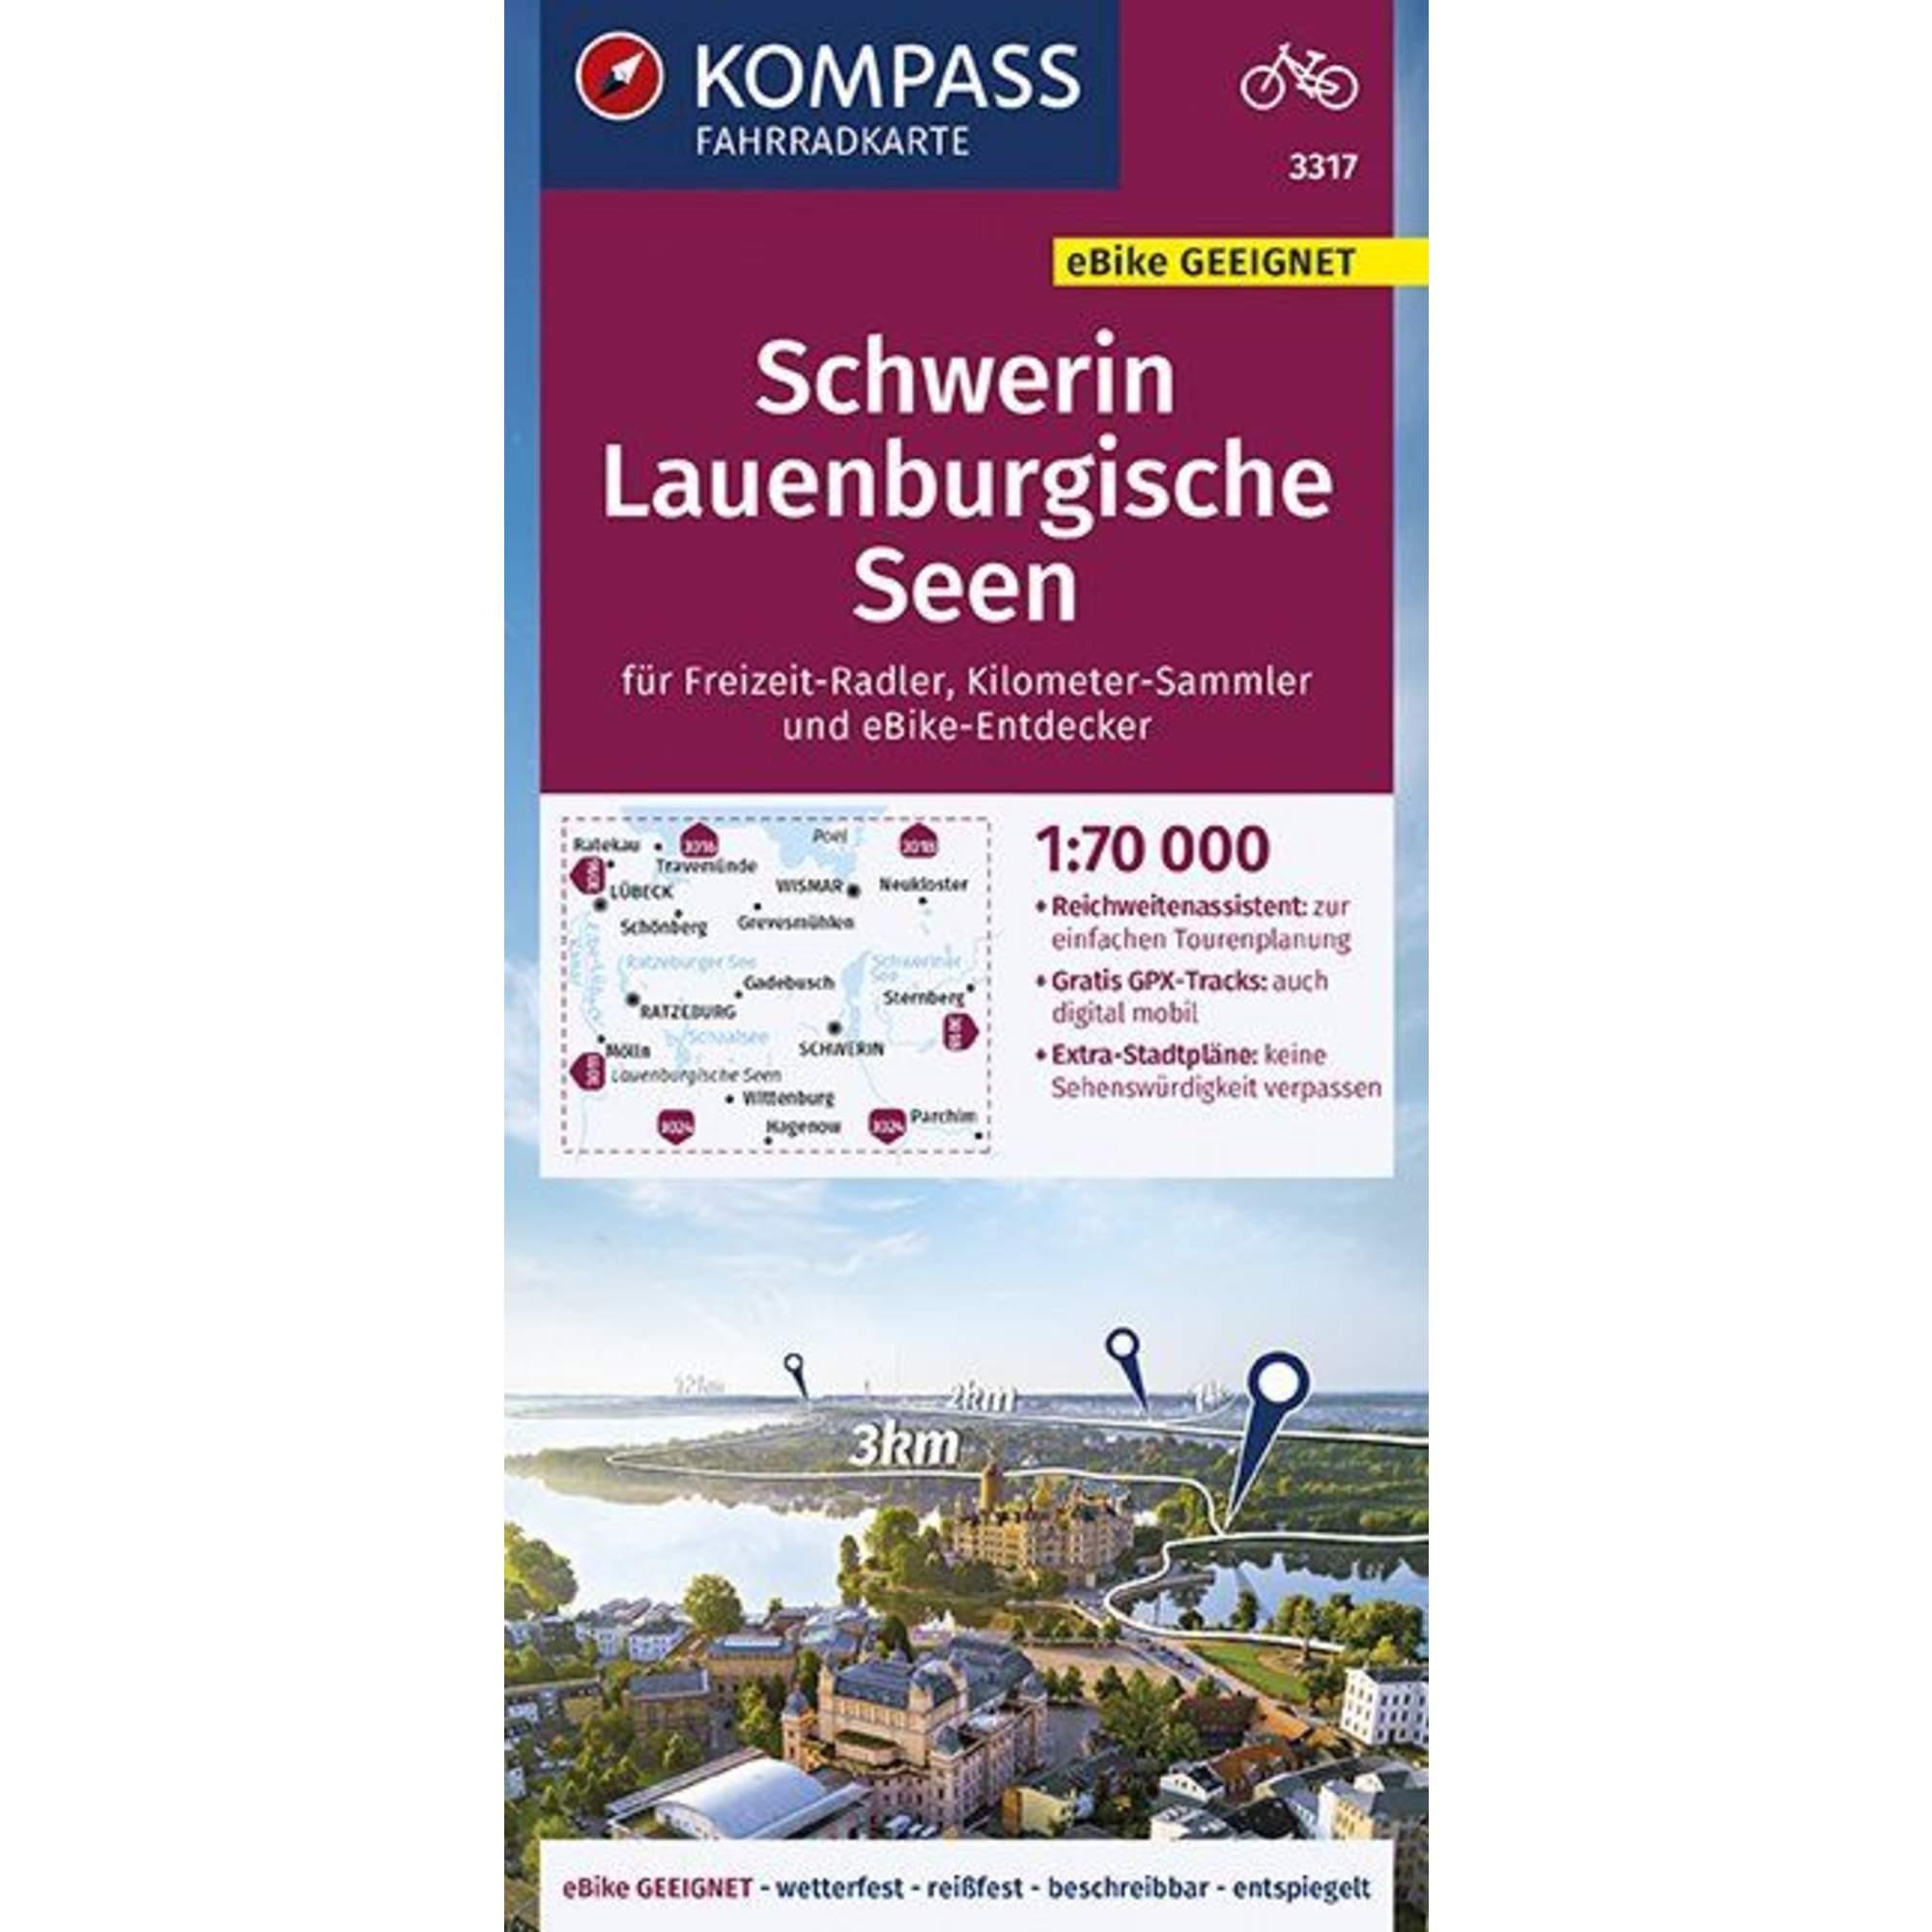 KOMPASS FAHRRADKARTE SCHWERIN, LAUENBURG -  Fahrradkarten